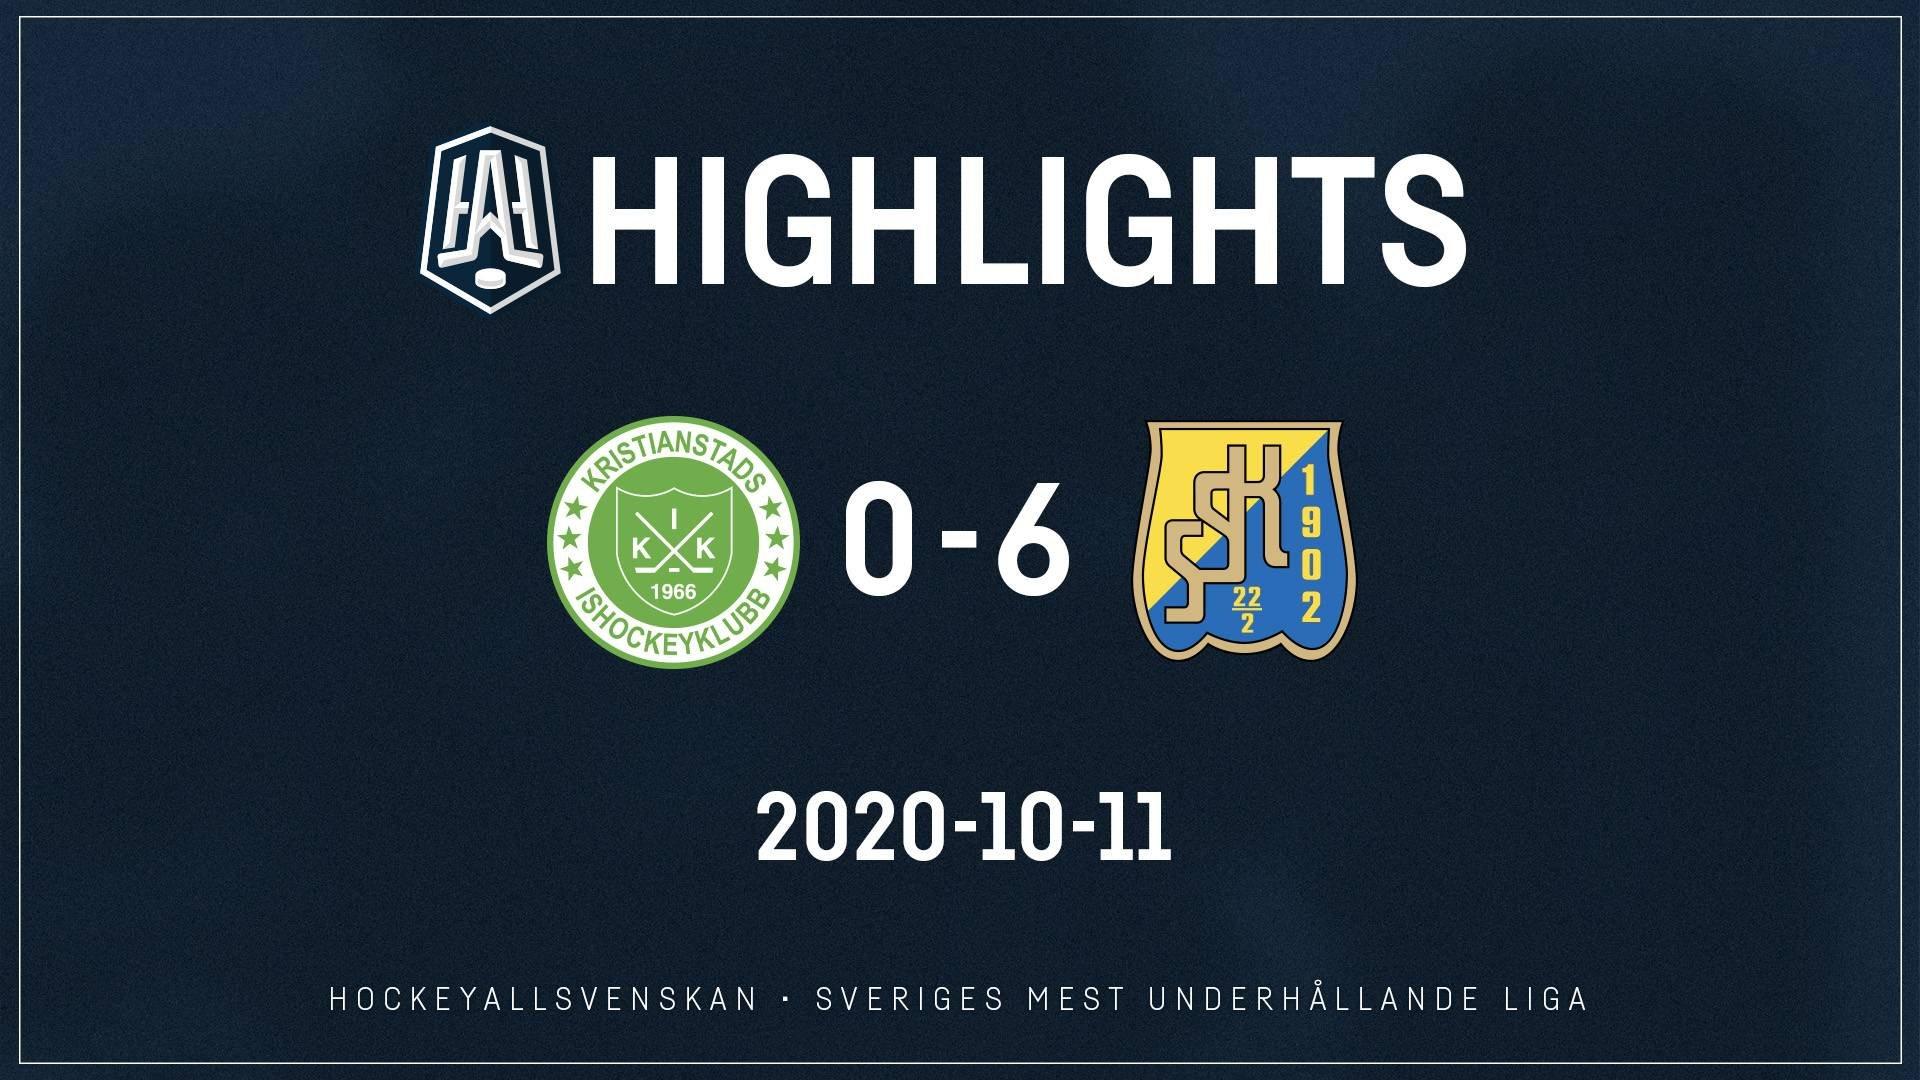 2020-10-11 Kristianstad - Södertälje 0-6